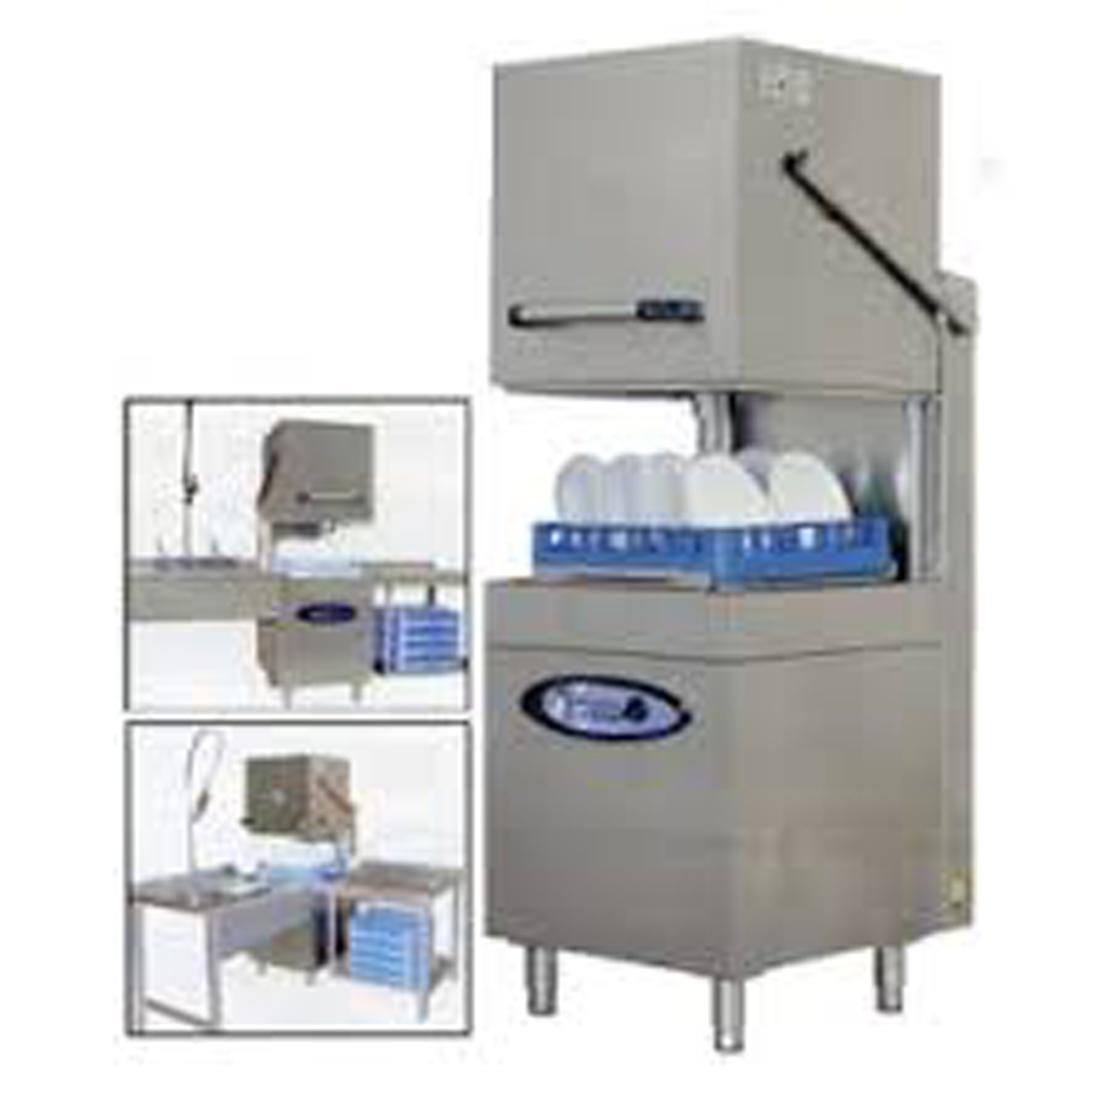 máy rửa bát công nghiệp không băng chuyền